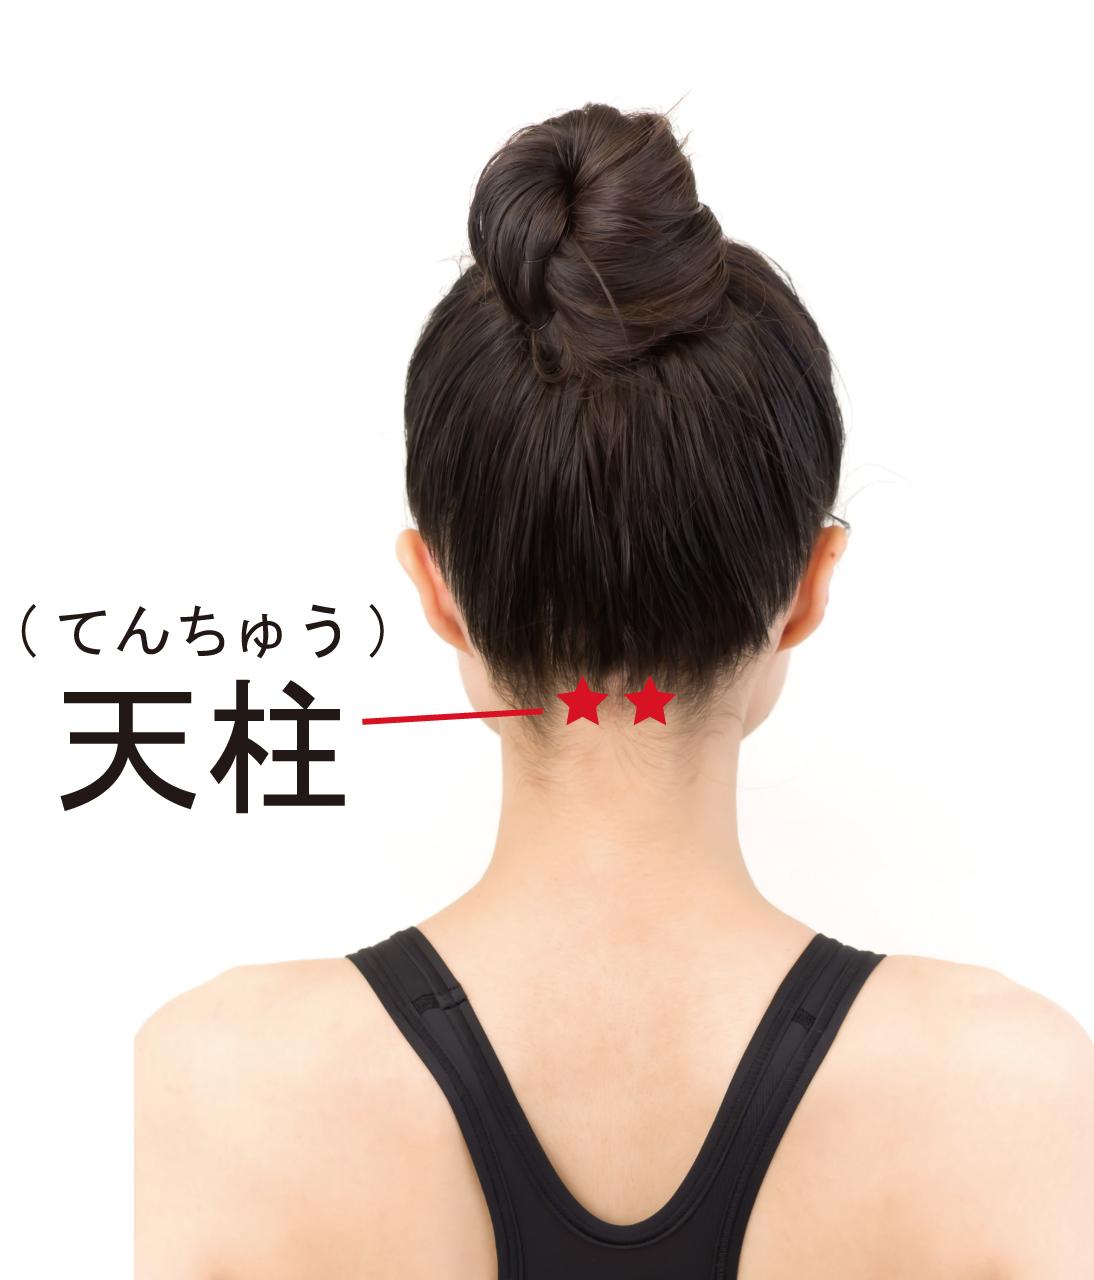 薄毛対策のツボ「天柱(てんちゅう)」のツボの位置を記した女性の画像